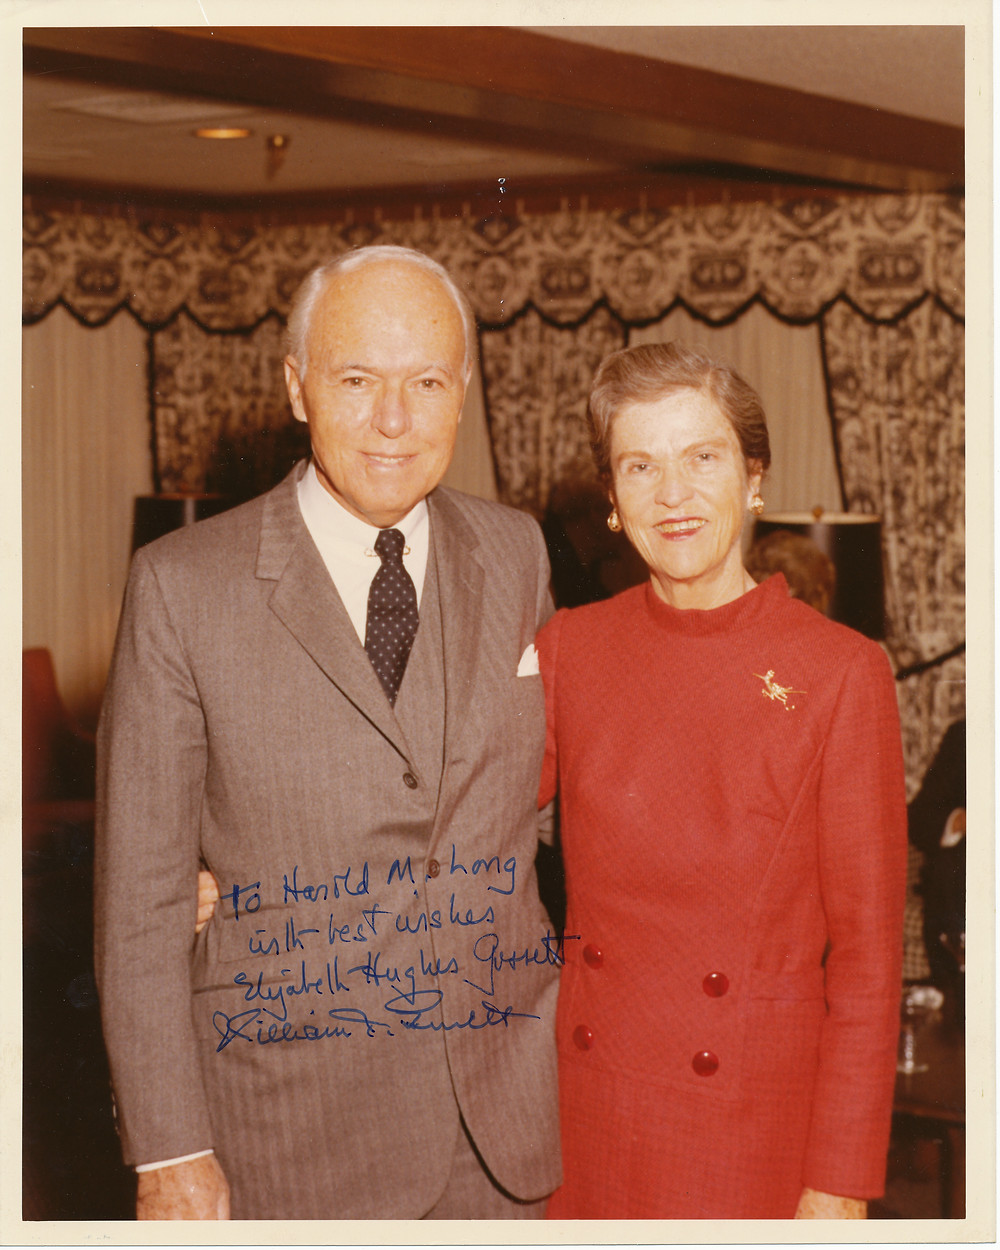 William T. & Elizabeth Hughes Gossett.